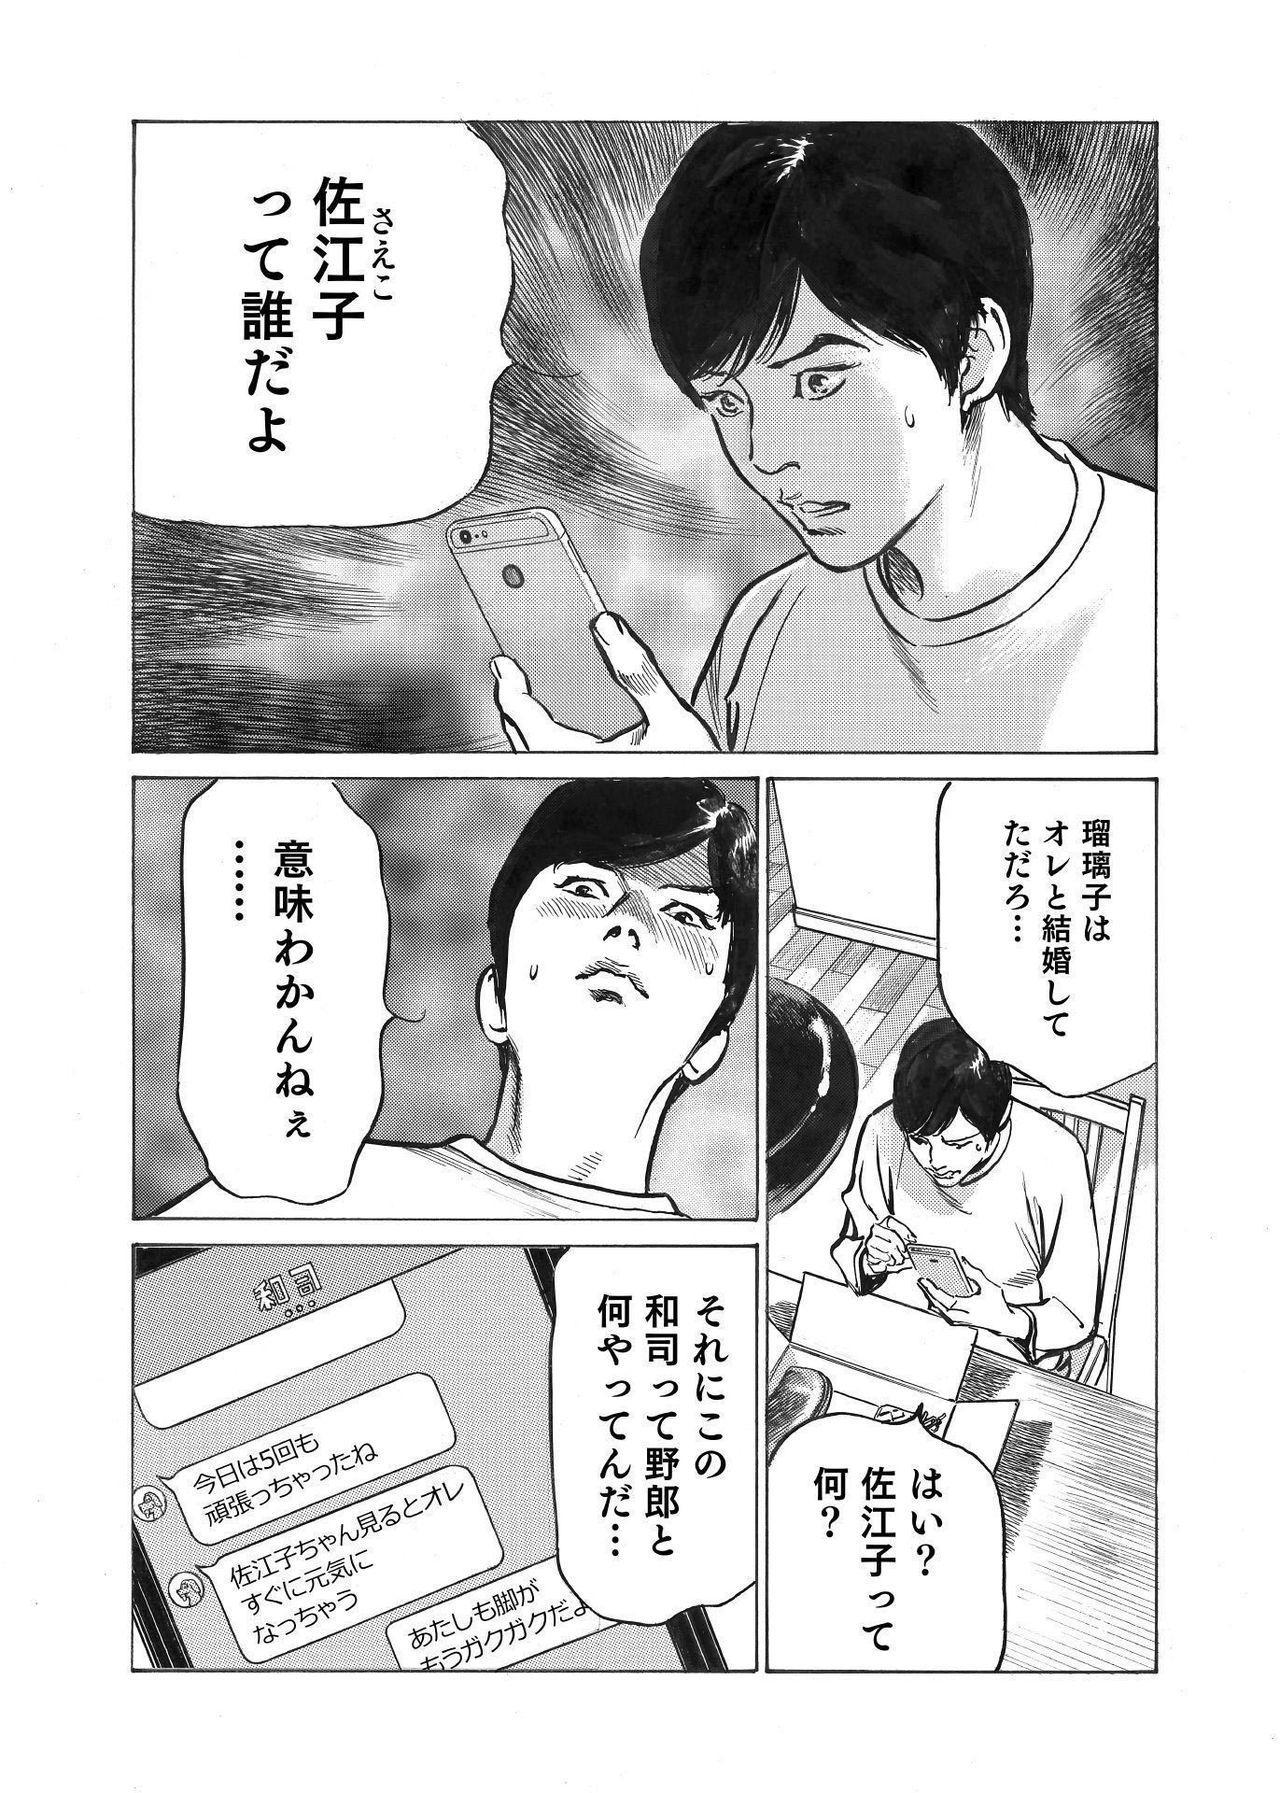 Ore wa Tsuma no Koto o Yoku Shiranai 1-9 23